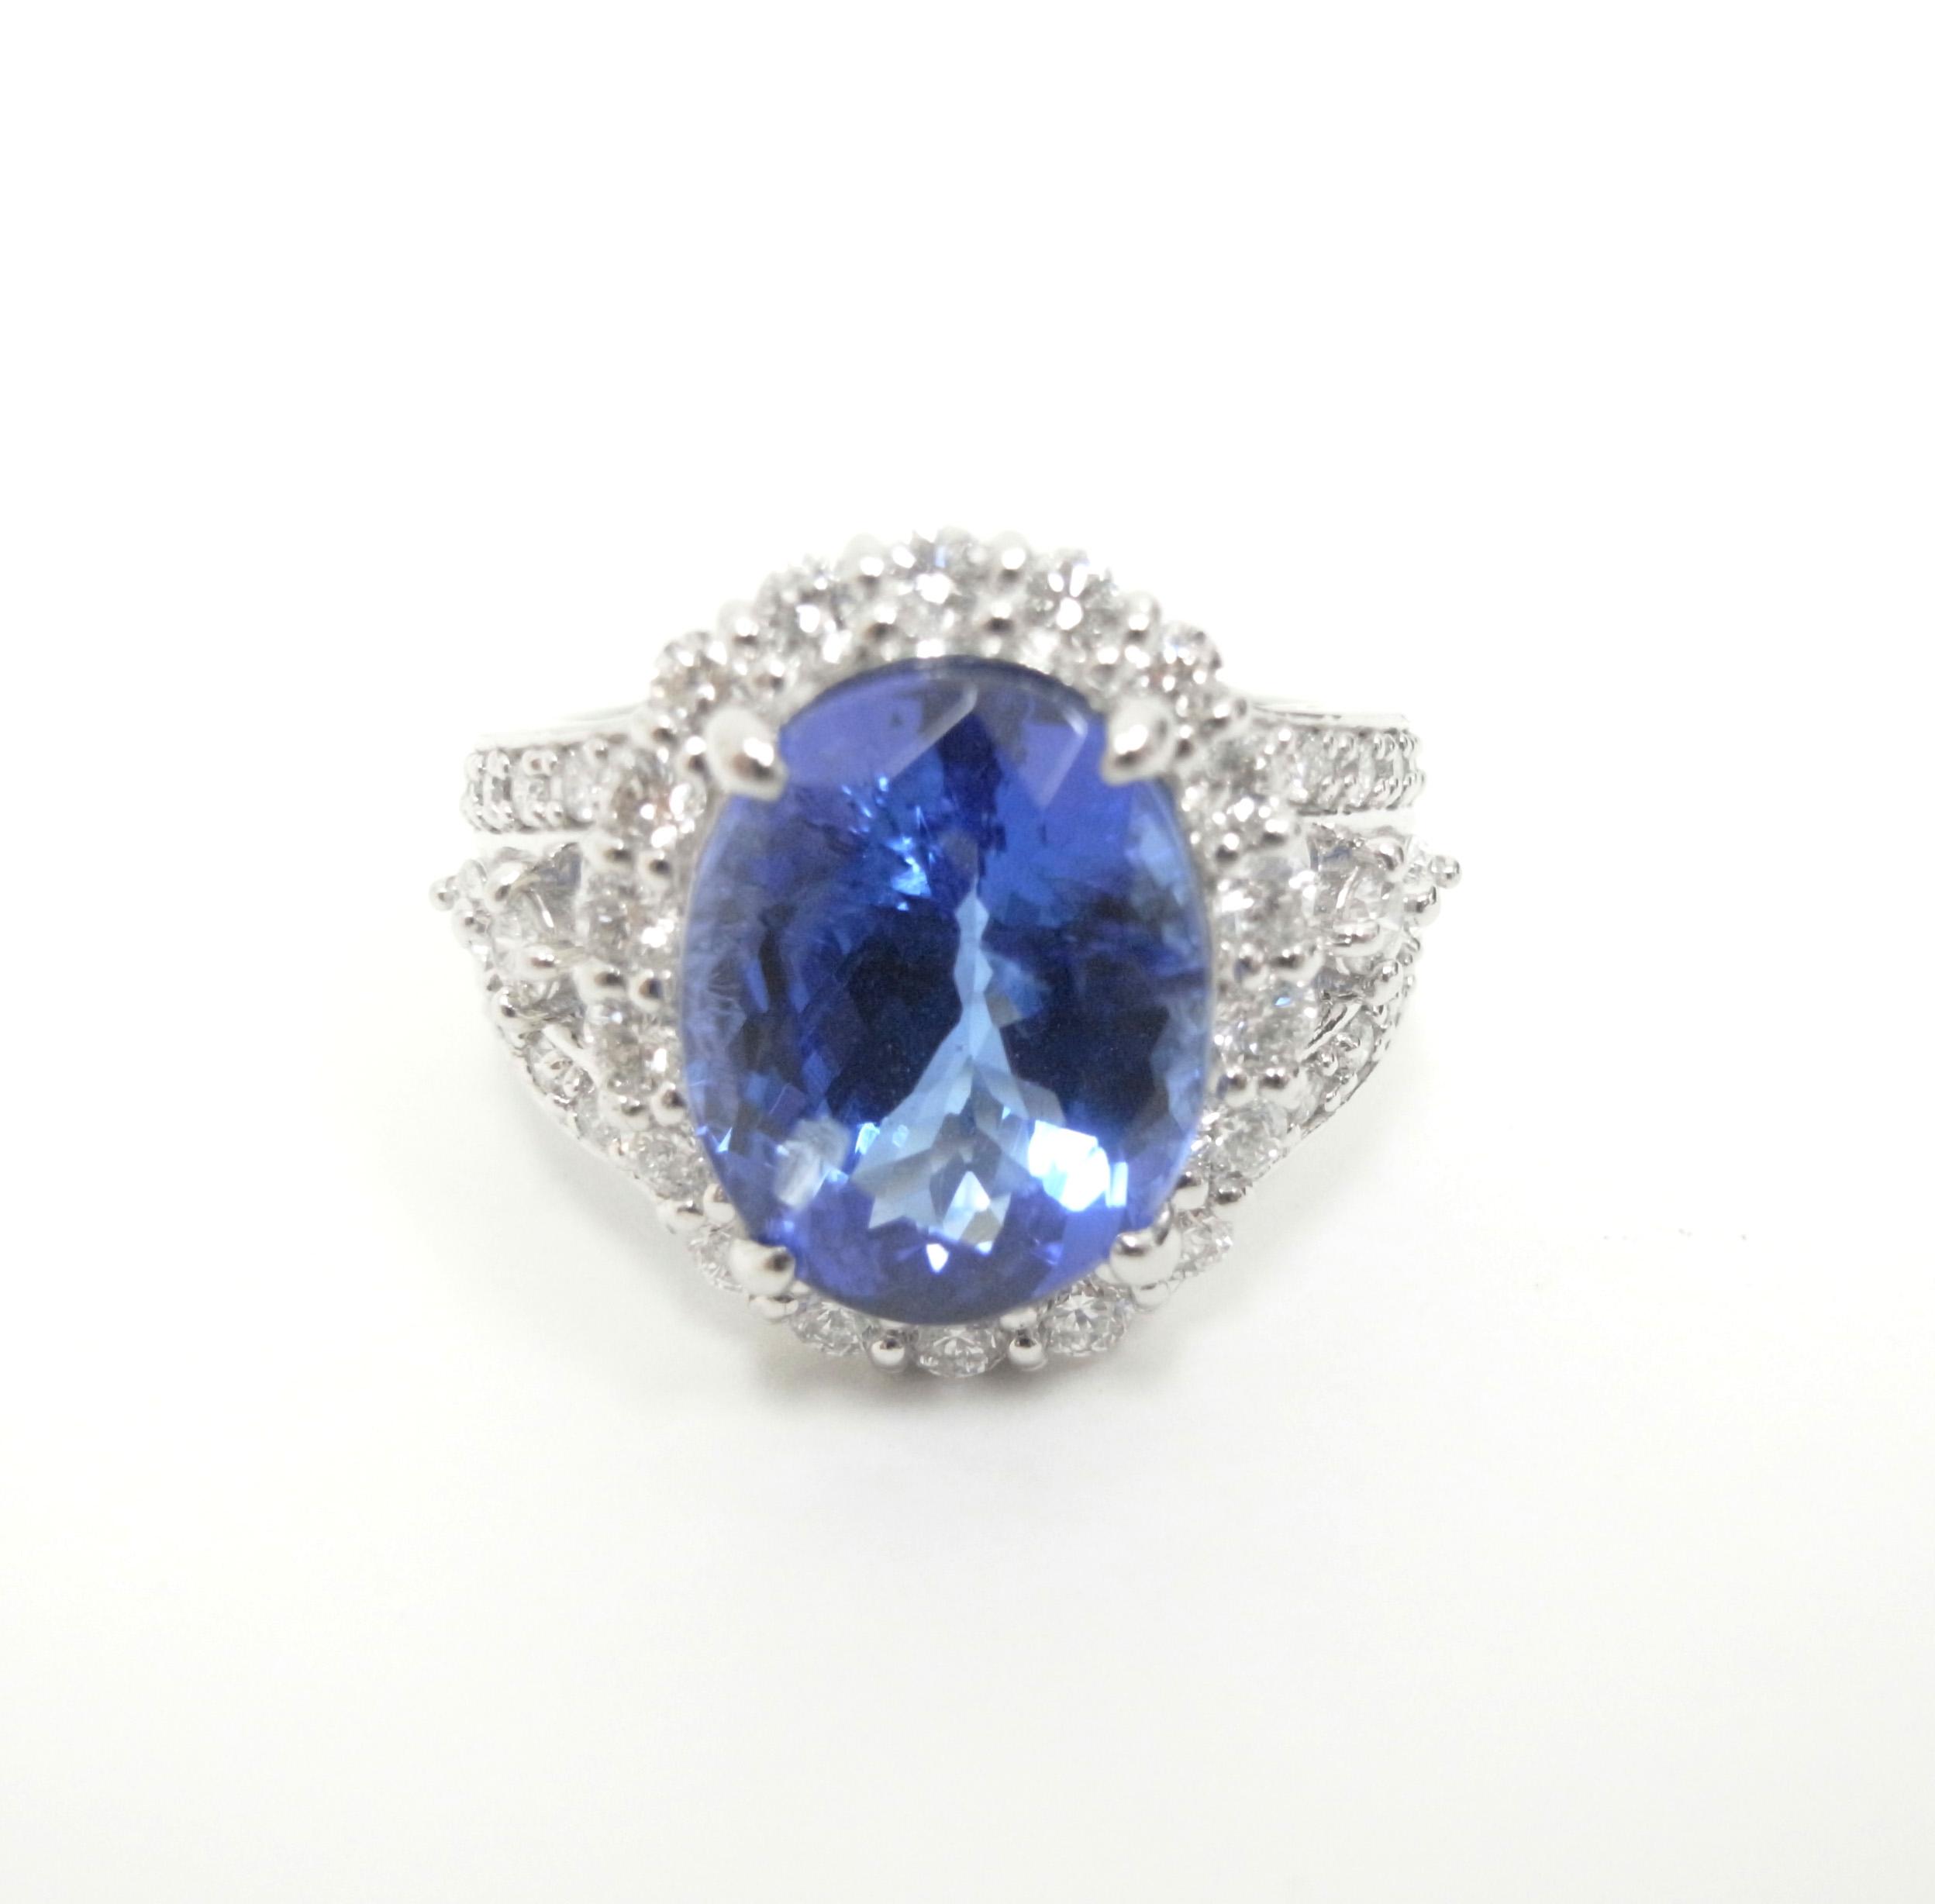 タンザナイトリング 【石目】タンザナイト7.42ct ダイヤ…の画像